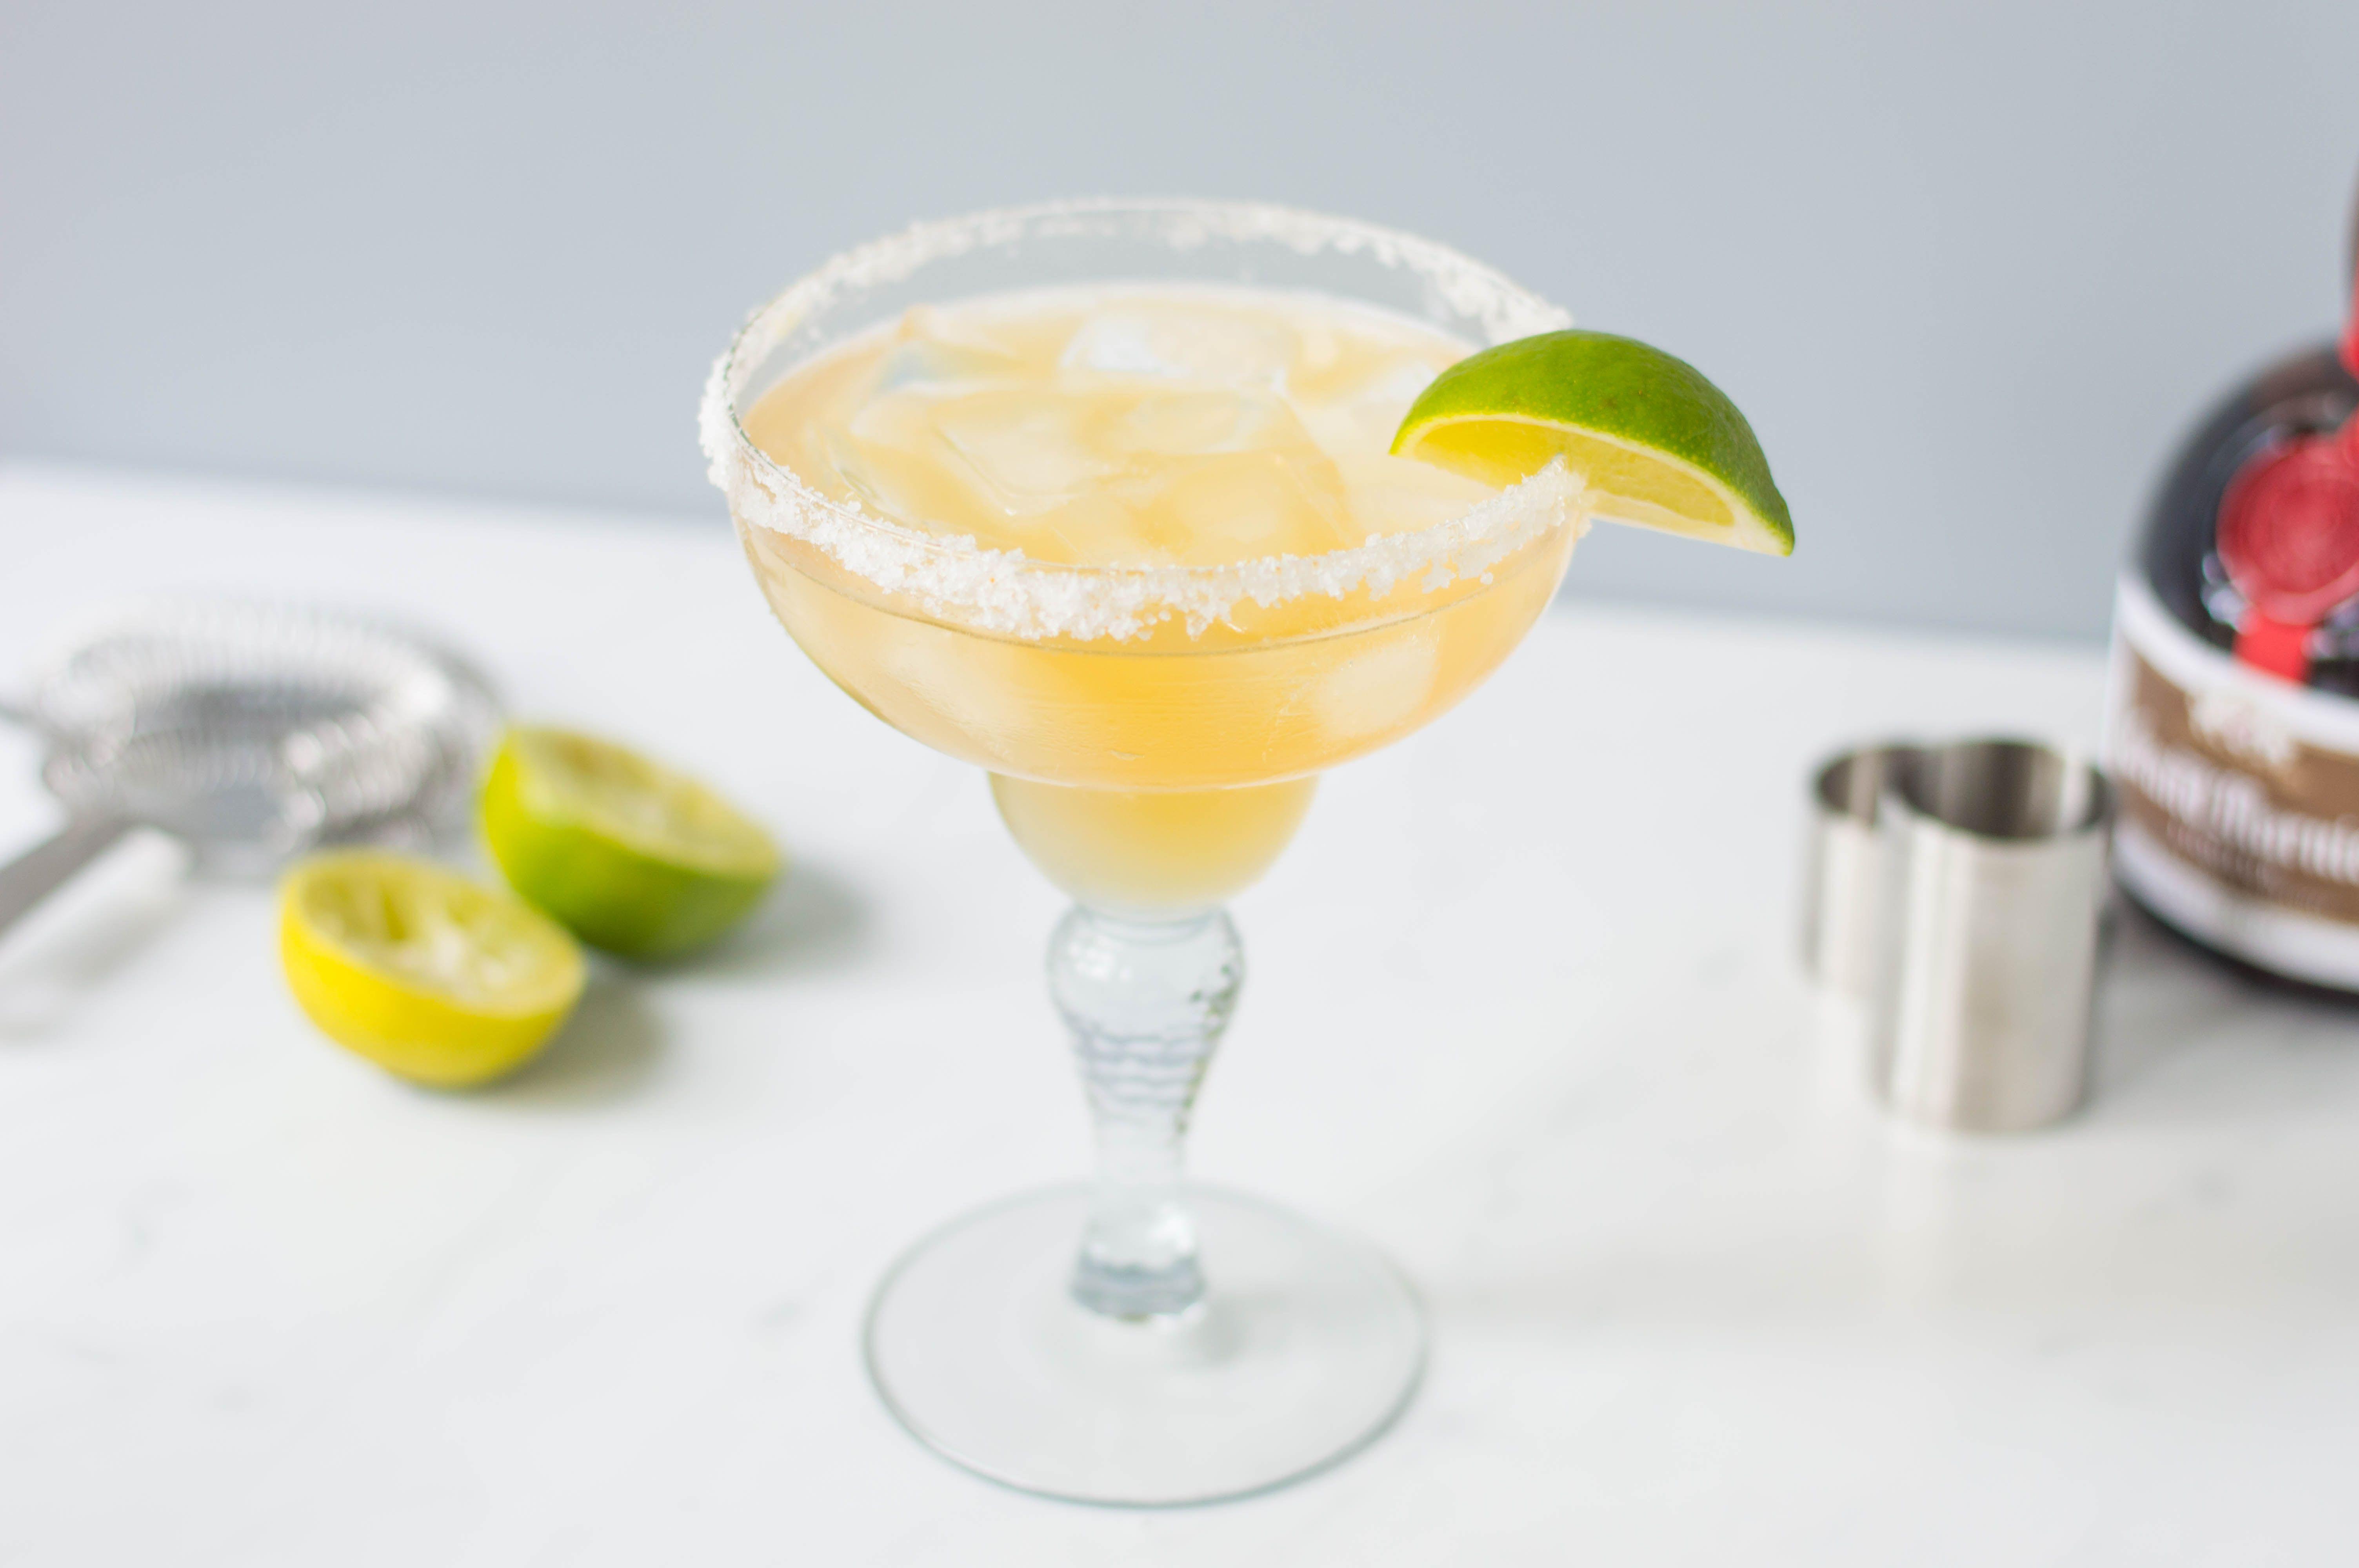 Cadillac Margarita Recipe With Reposado Tequila